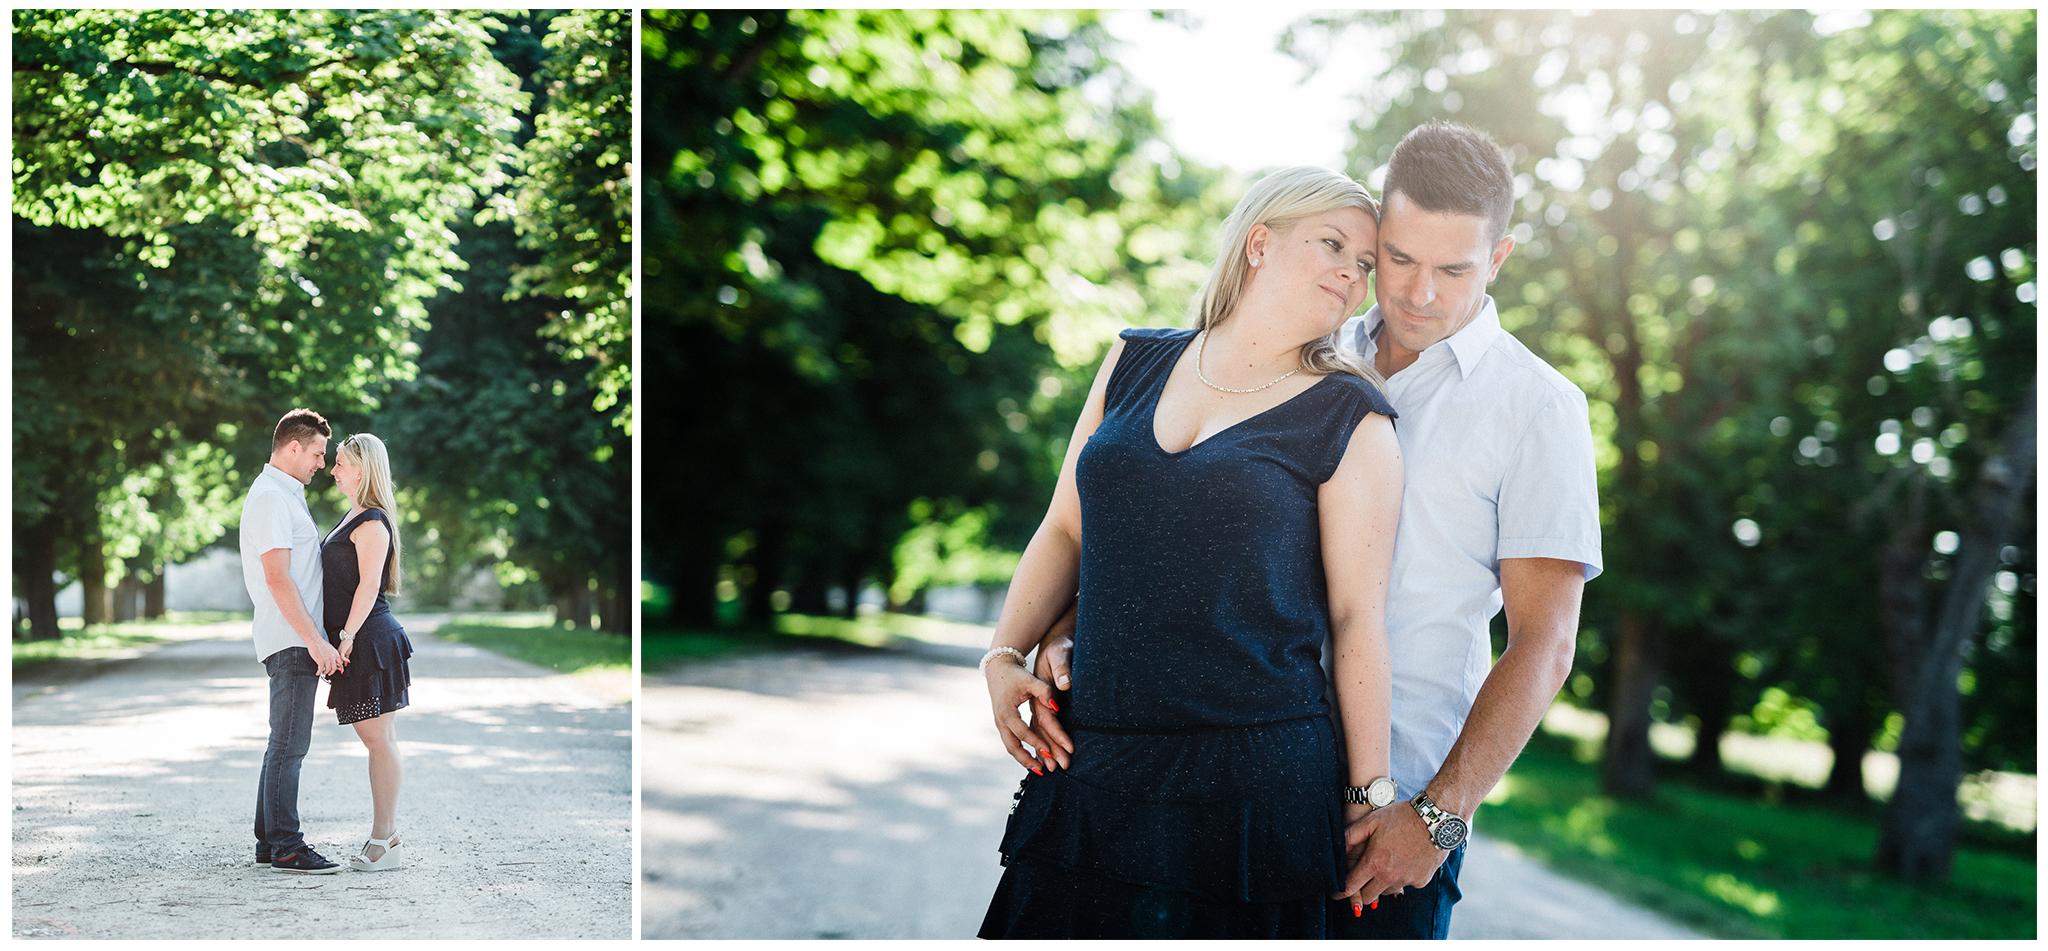 MONT_FylepPhoto, Esküvőfotós Vasmegye, Esküvő fotózás, Esküvői fotós, Körmend, Vas megye, Dunántúl, Budapest, Balaton, Fülöp Péter, Jegyes fotózás, jegyesfotó_Barb&Zoli,2018_11.jpg